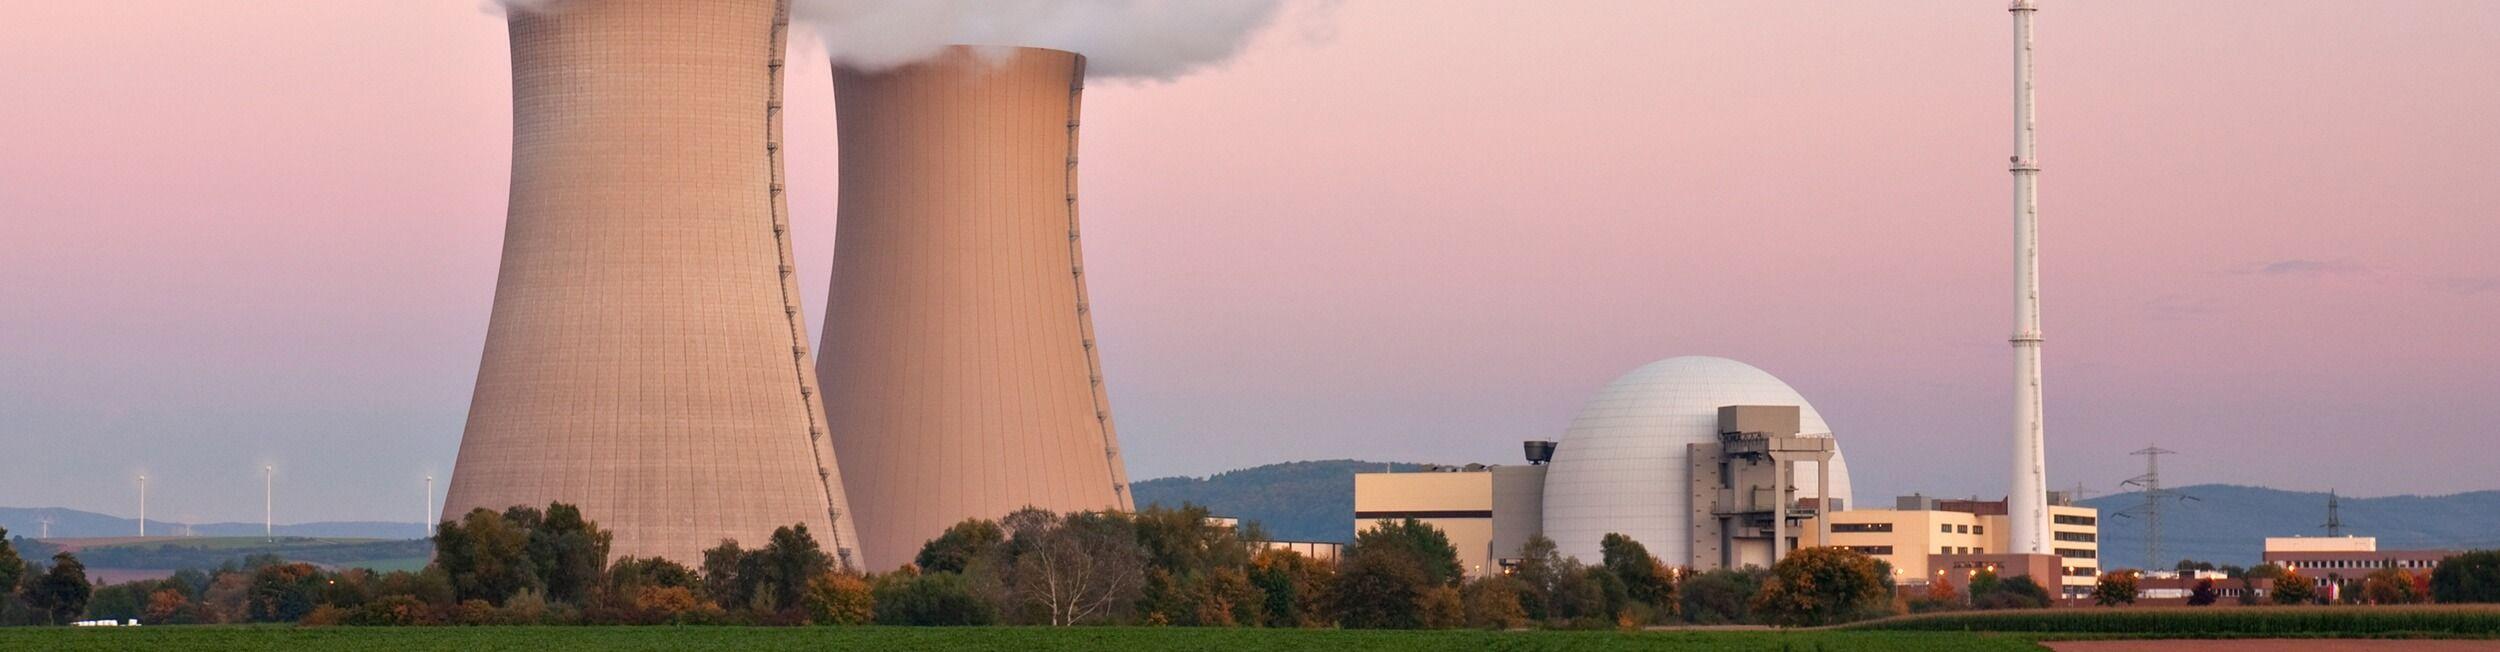 banner.nuclear.jpg